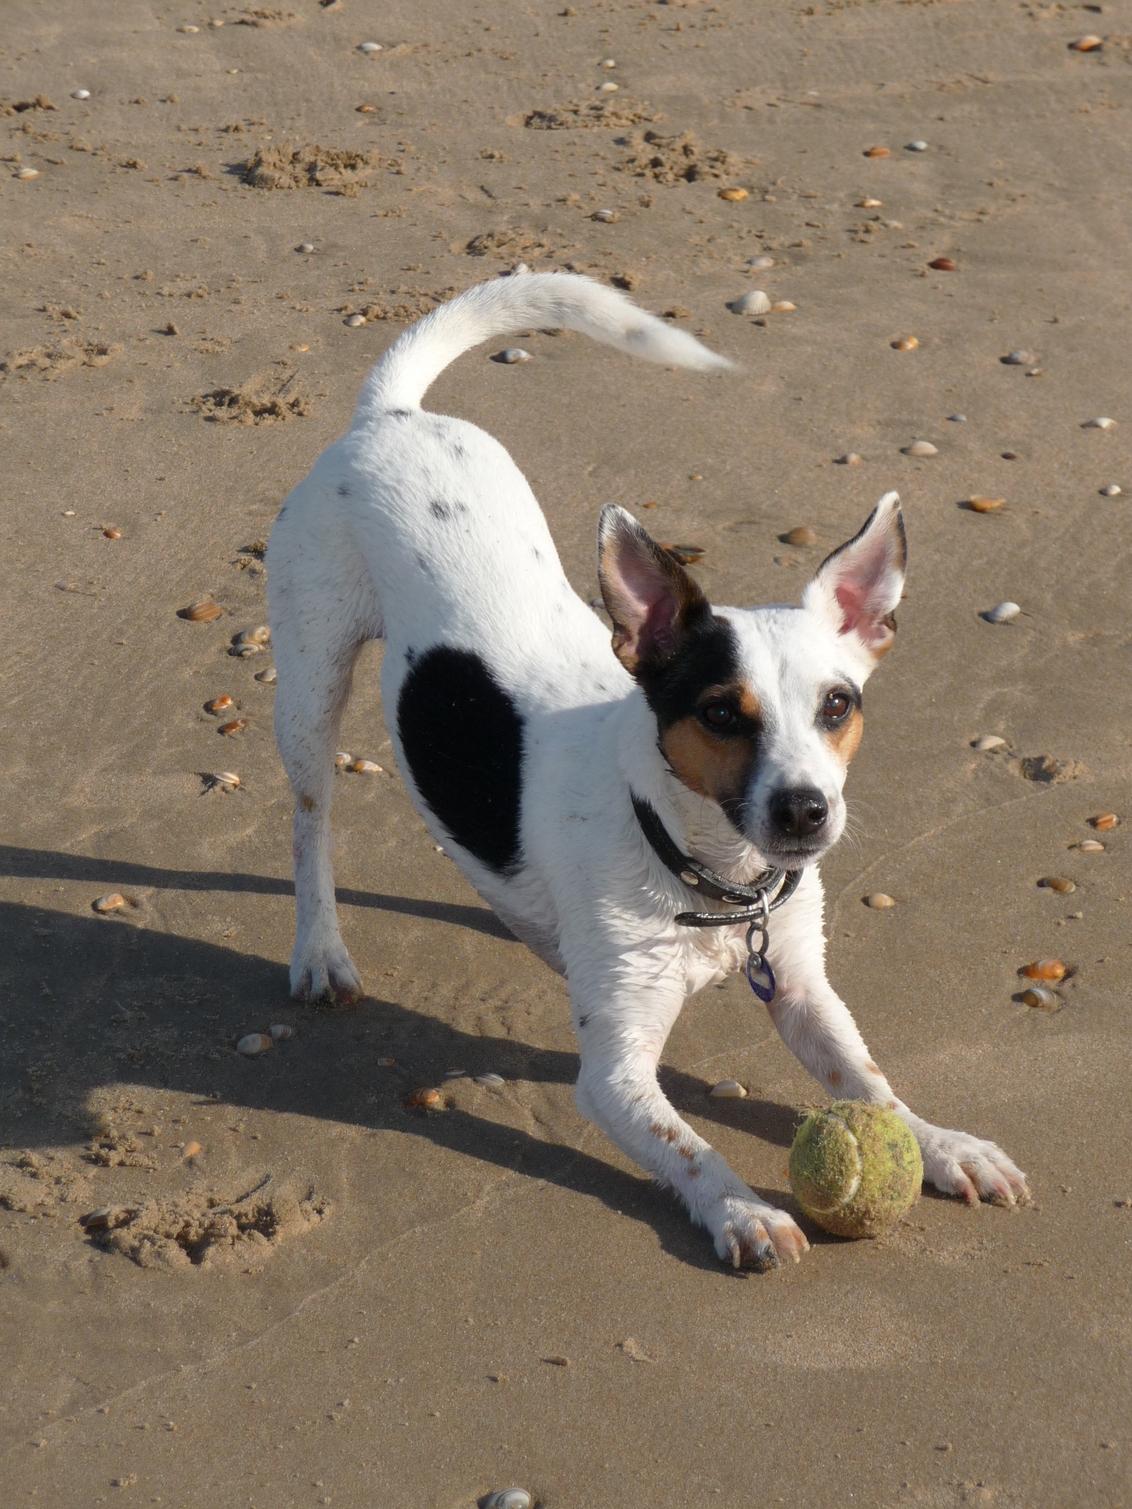 Koko - Dit is Koko. Een echte speelkameraad.  Op het strand is hij helemaal in zijn sas. - foto door maarten1971 op 26-05-2009 - deze foto bevat: strand, hond, jack, russel, parson, speelkameraad, koko